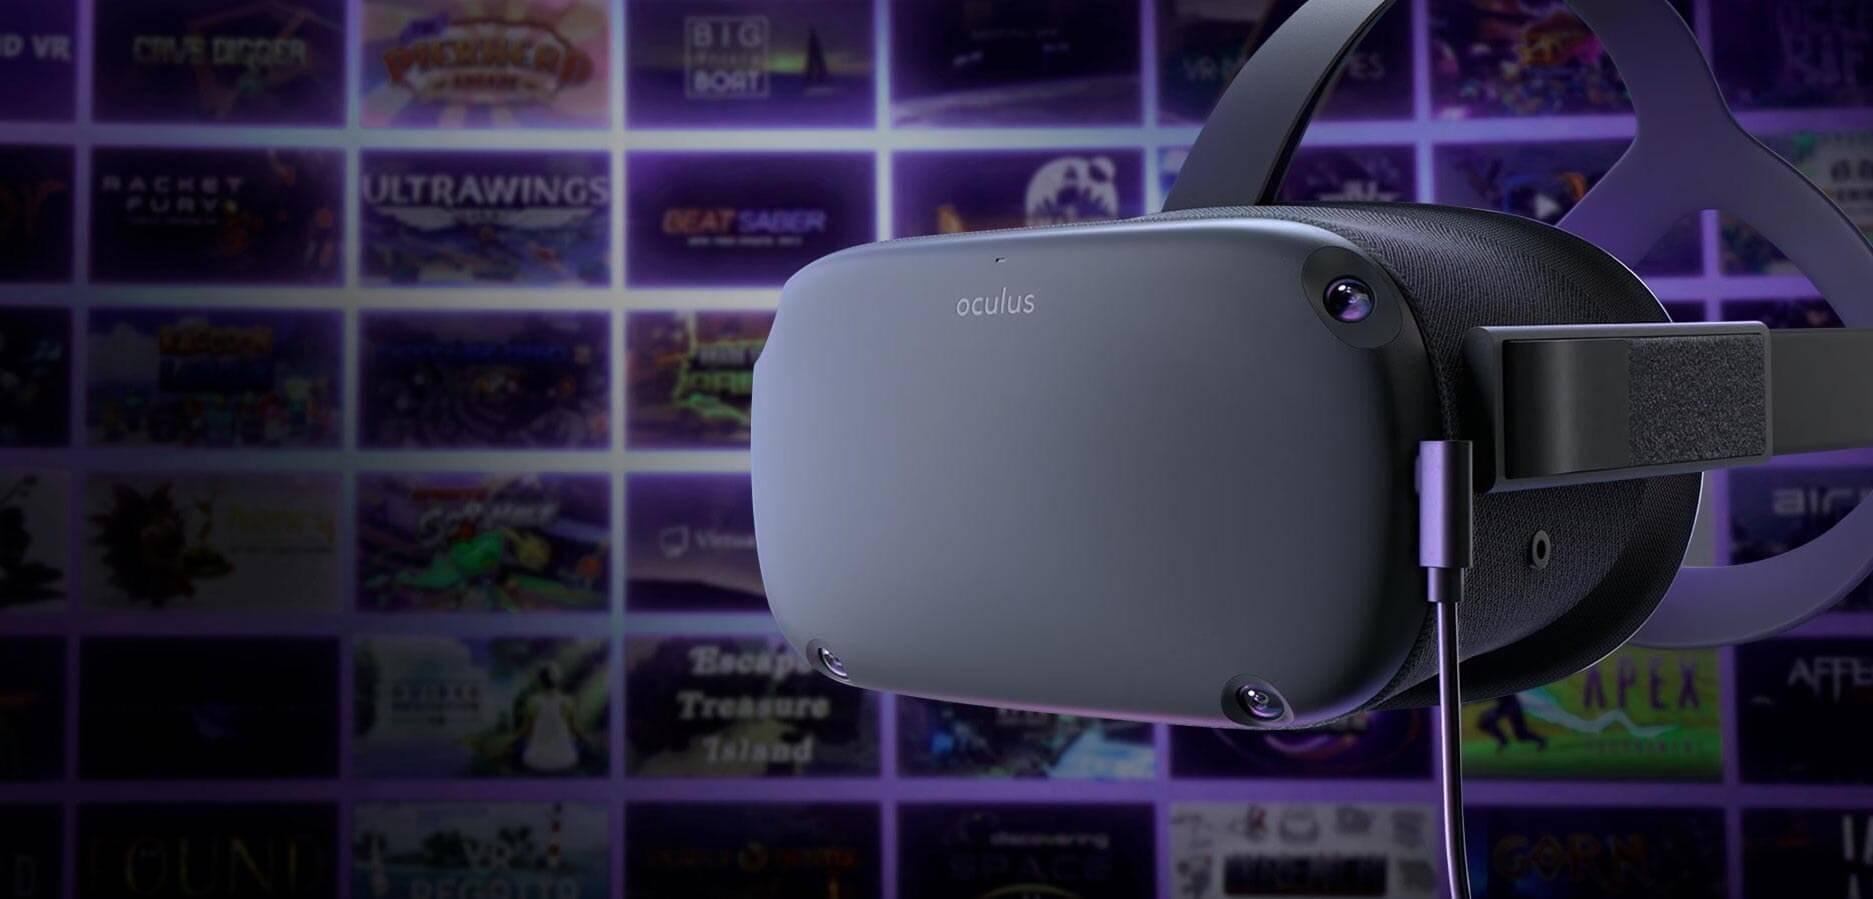 Oculus láme rekordy Oculus Rift